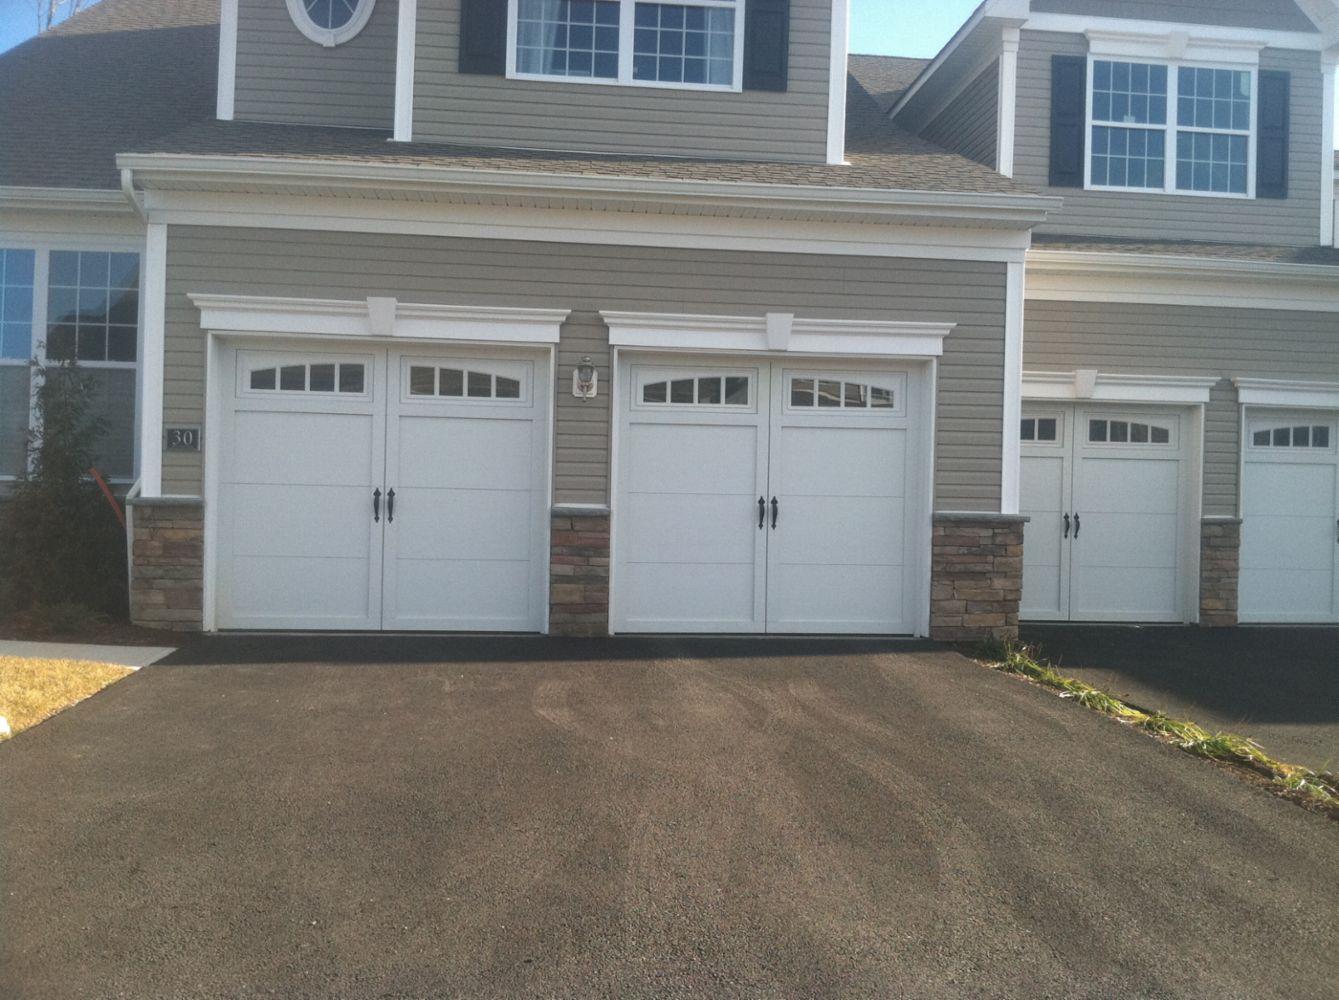 ... Garage Door Beez Garage Door Services Pictures : Garage Door Repair  Dana Point.